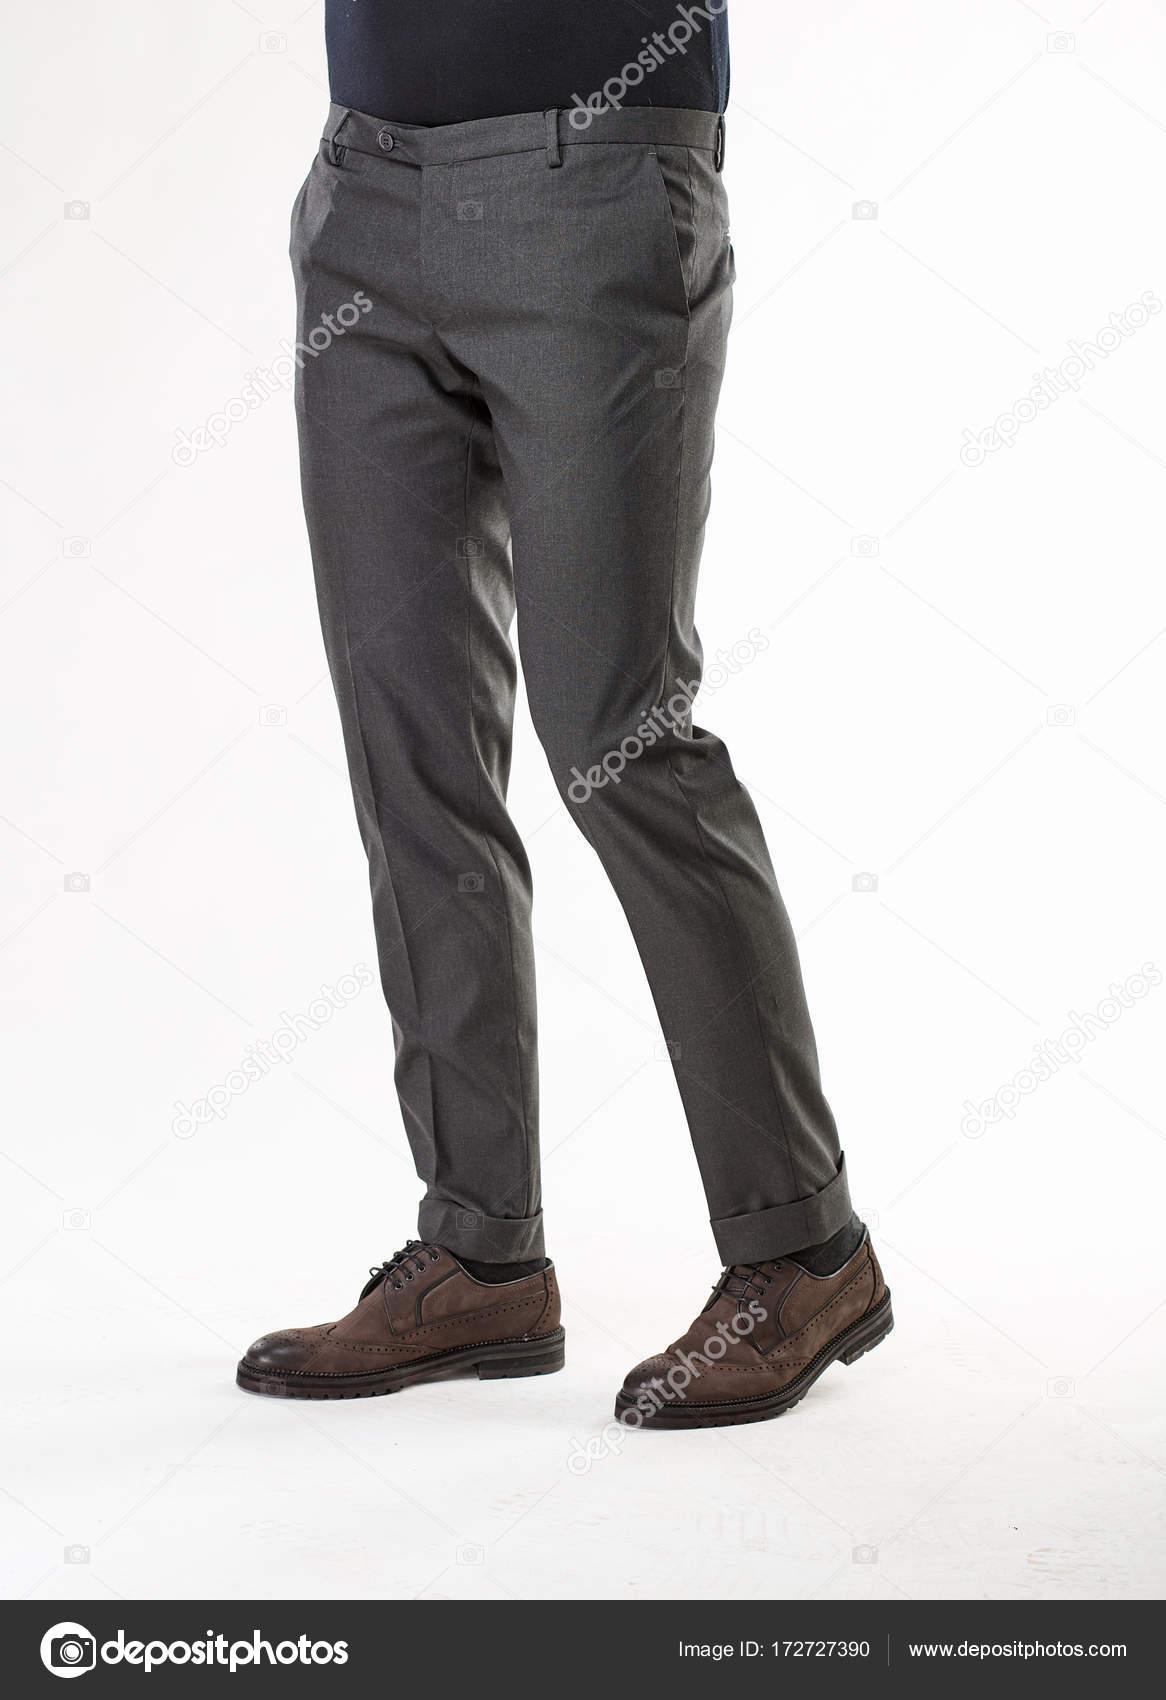 Di Posa Scarpe Studio Marroni Pantaloni Modello In Stock Classici Immagine Uomo Che Grigi LuceᄄC E 7Y6gbyImvf